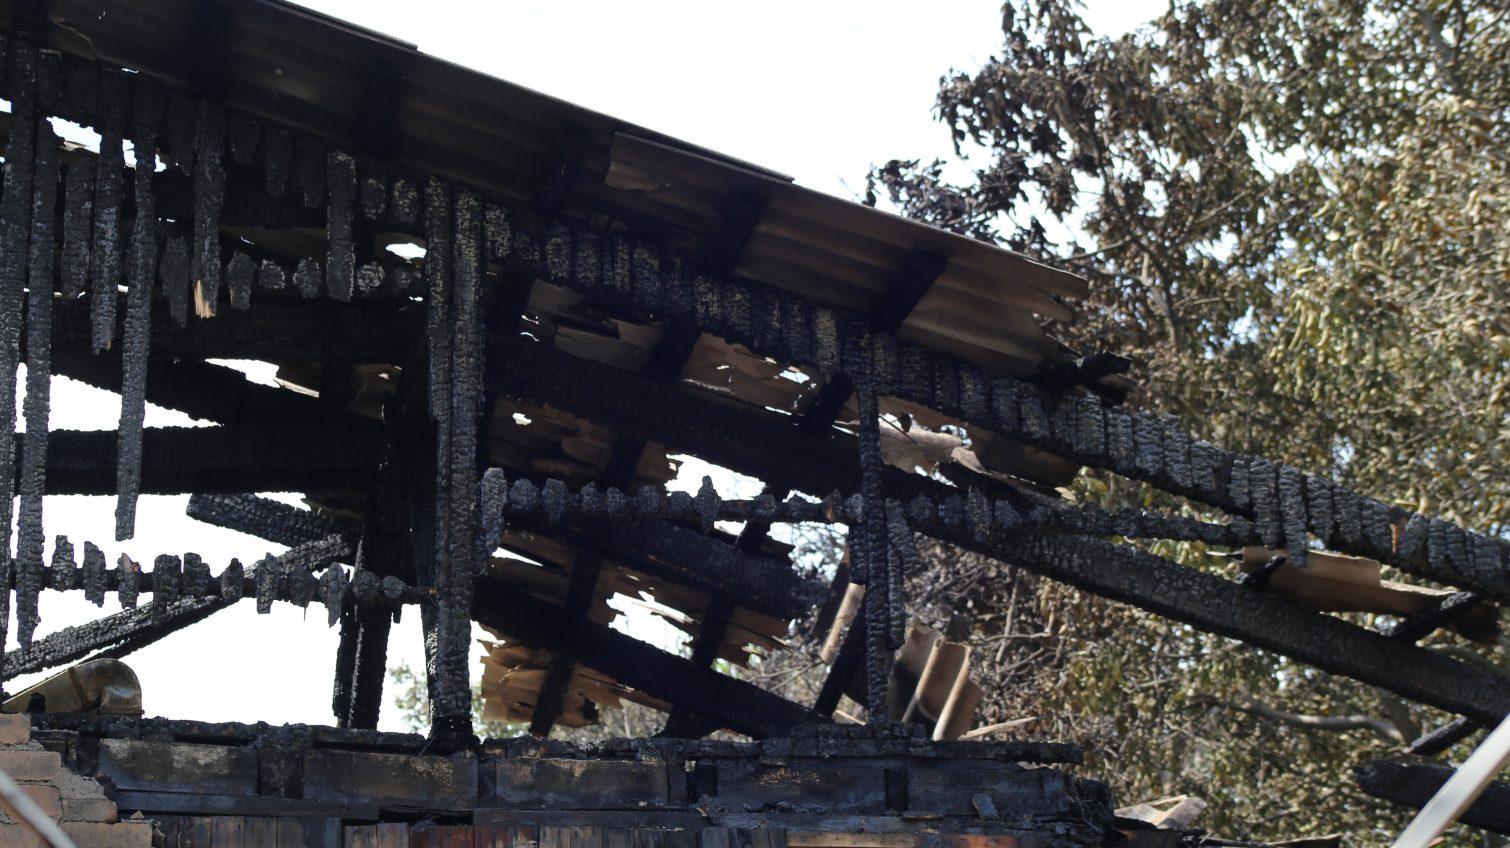 Спасатели: причиной трагического пожара в больнице стал чей-то умысел или неосторожность «фото»